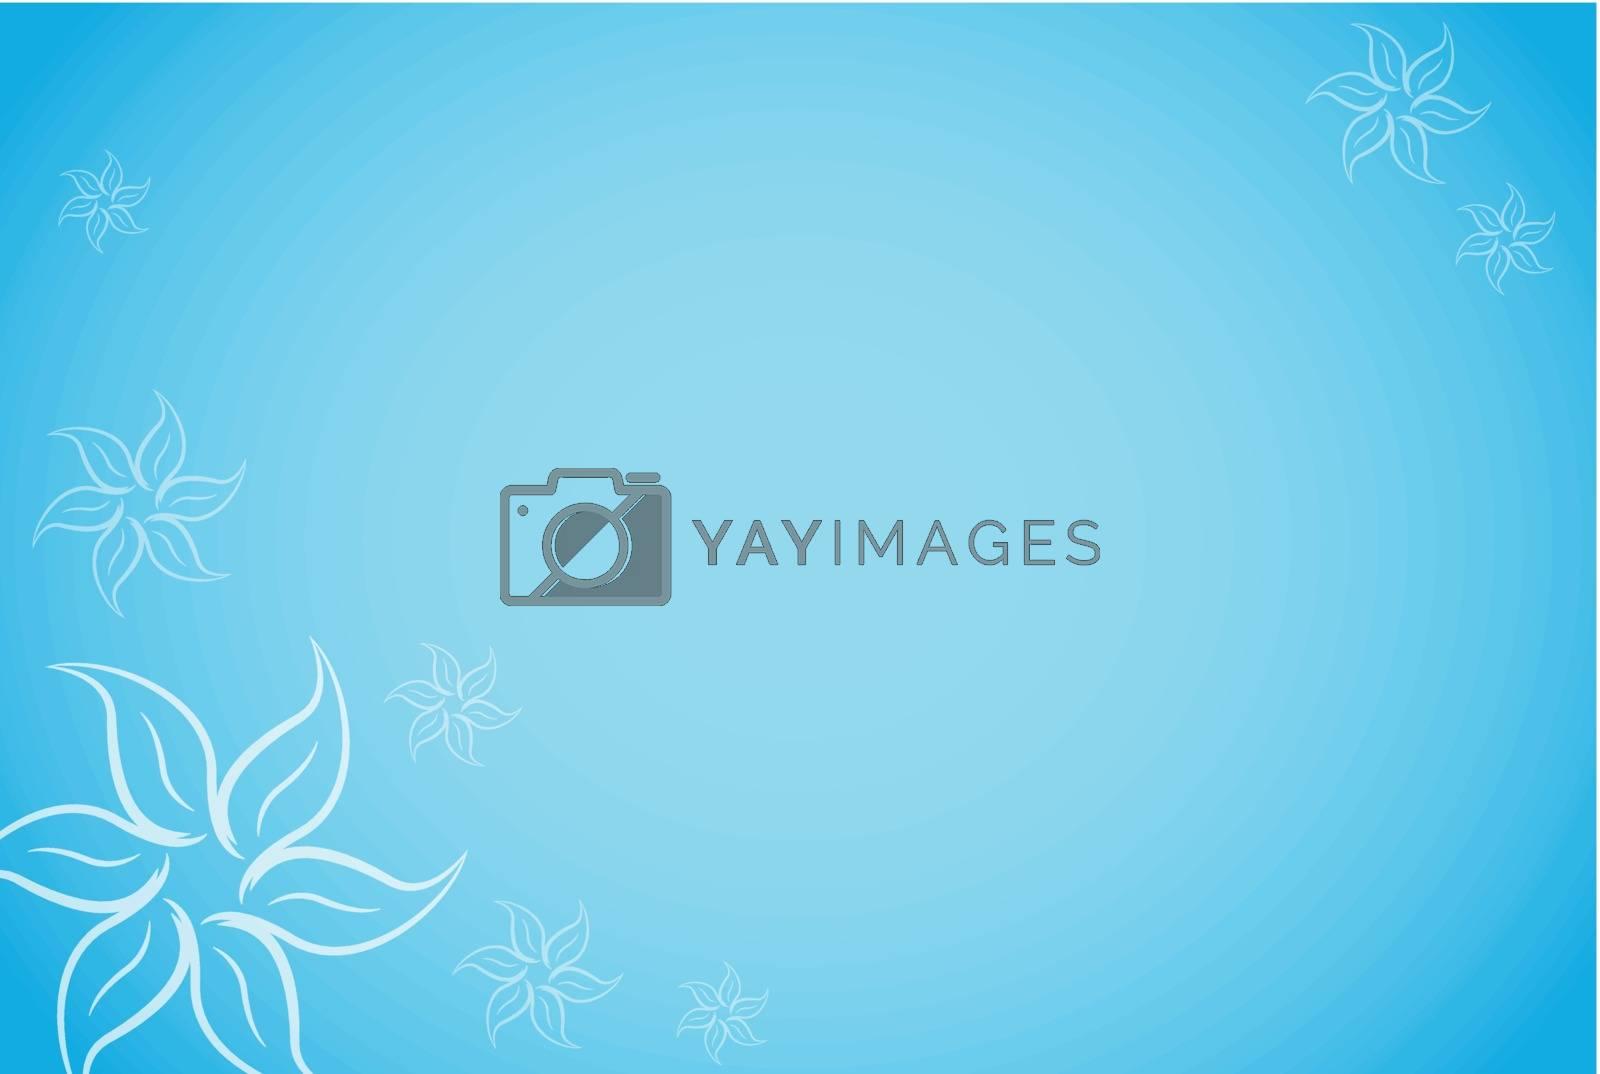 Vector illustration of blue floral background concept